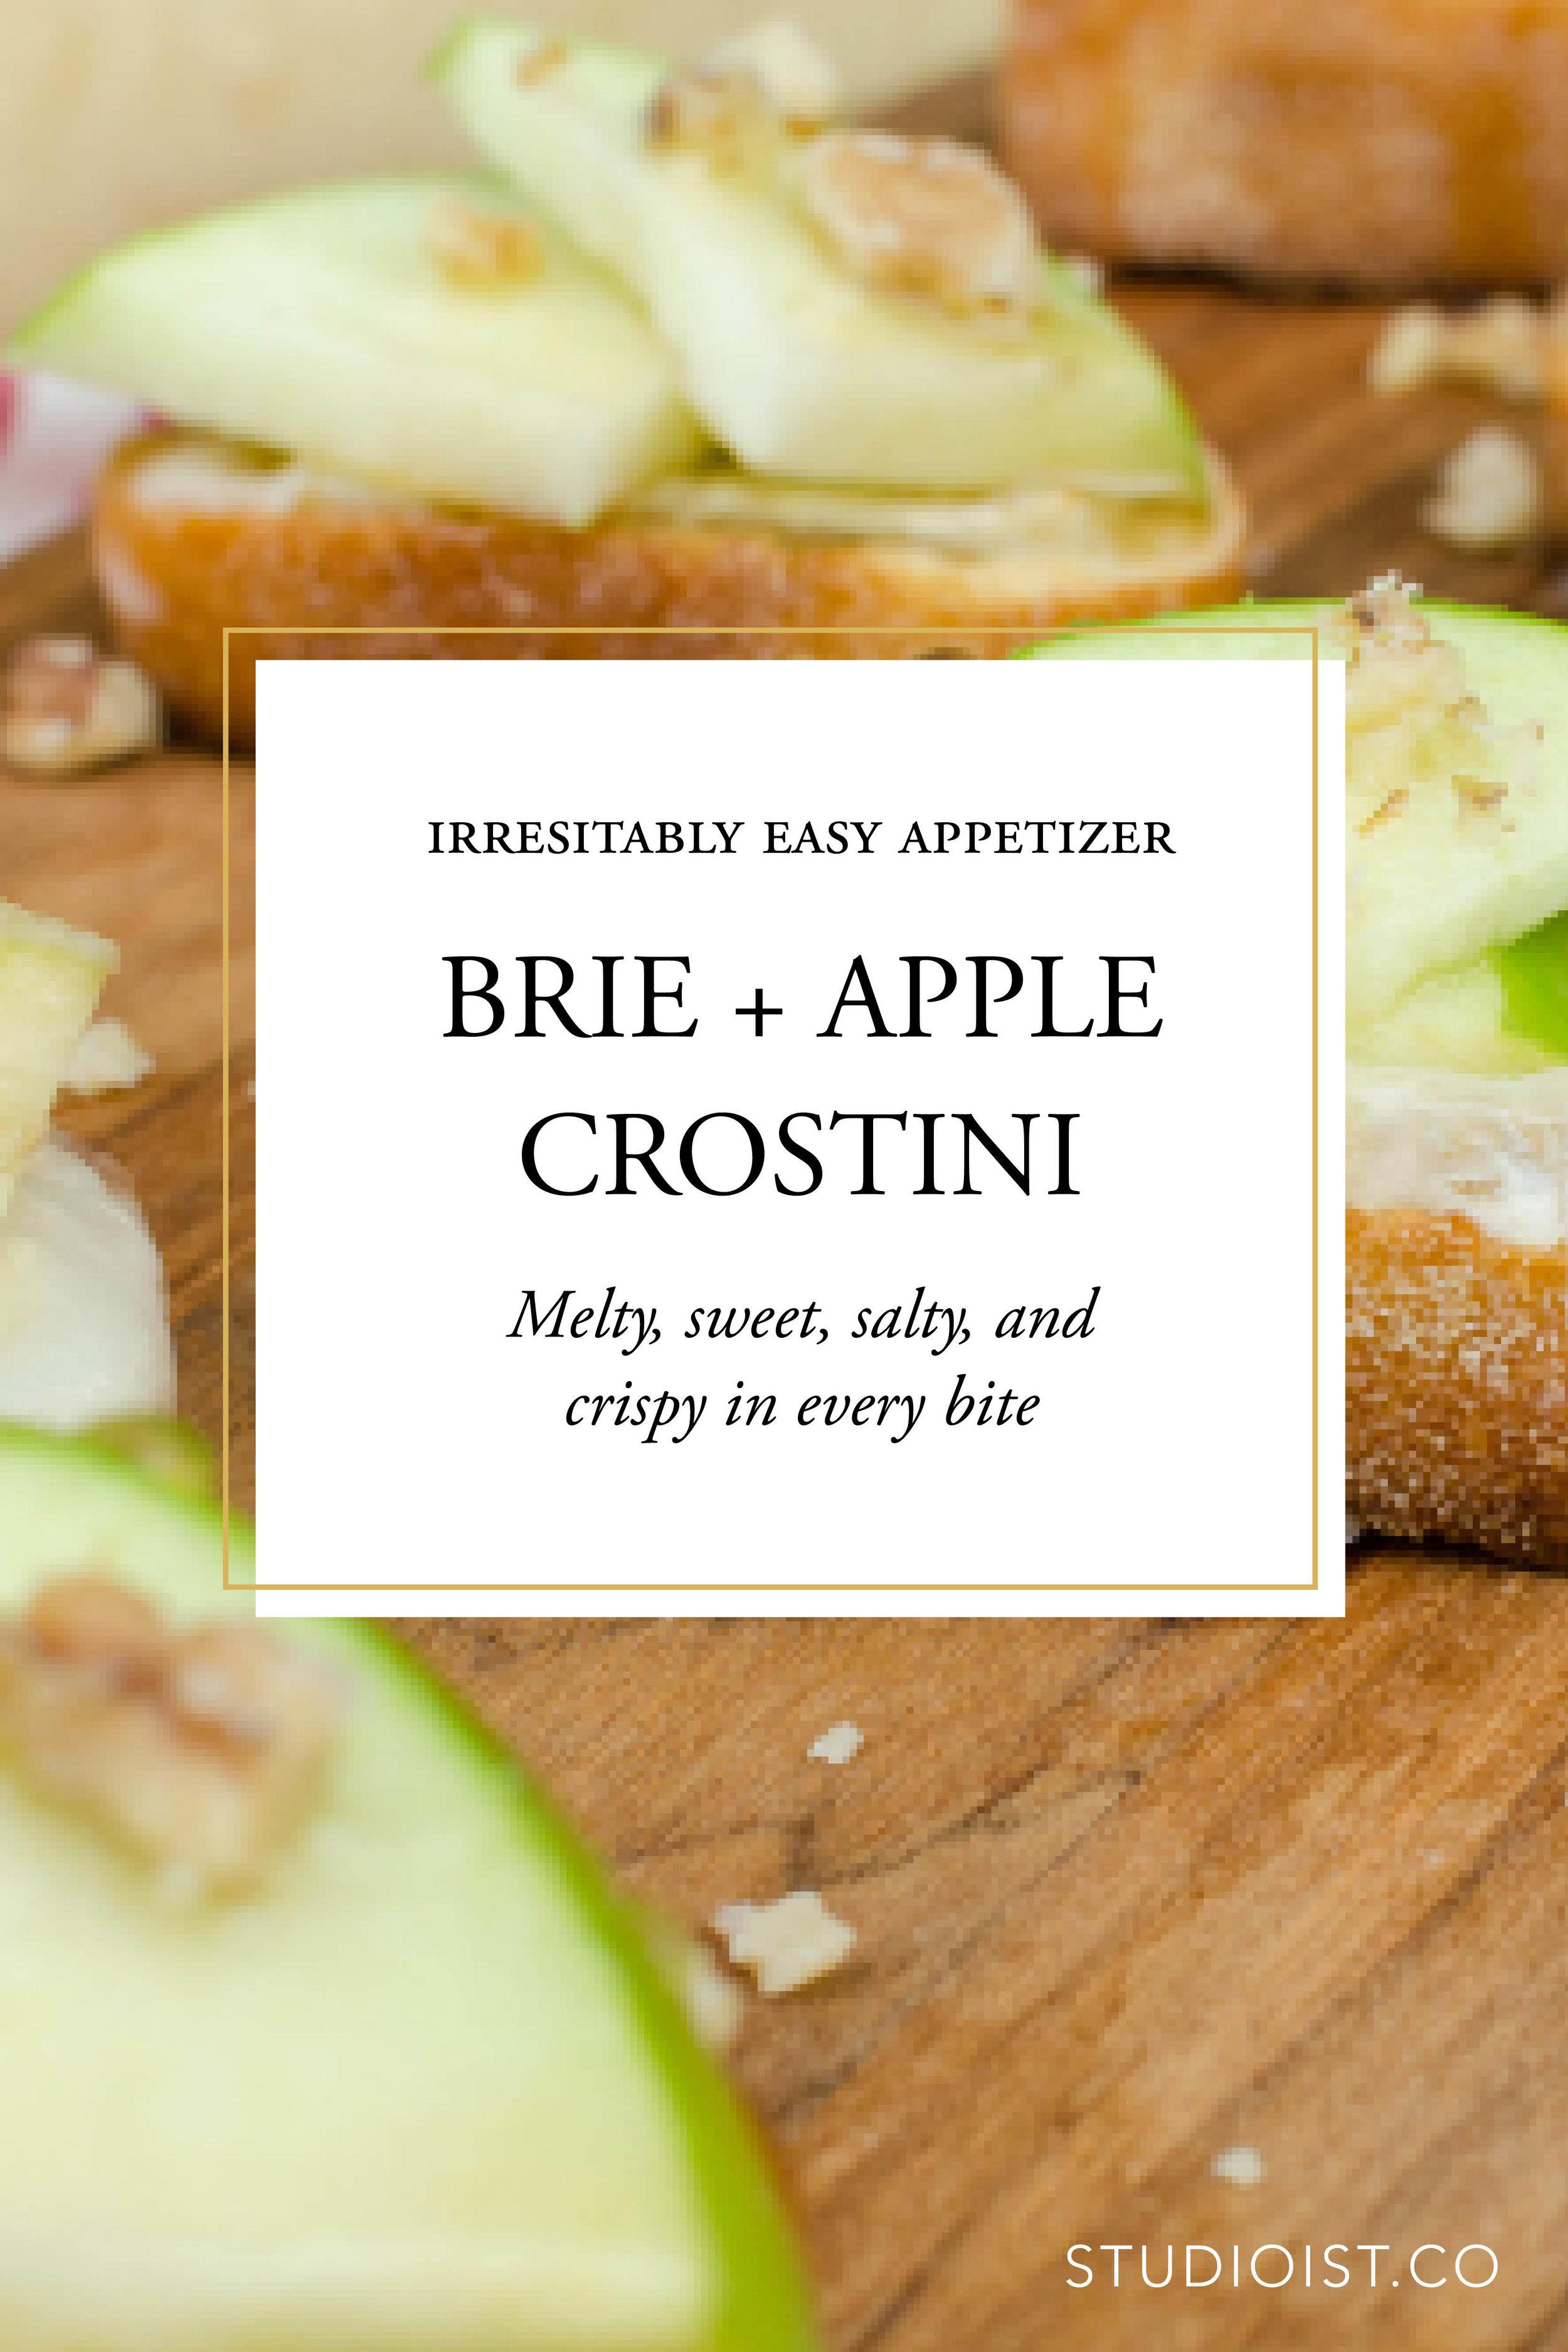 Studioist_Pinterest Design_Brie-Apple Crostini2.jpg